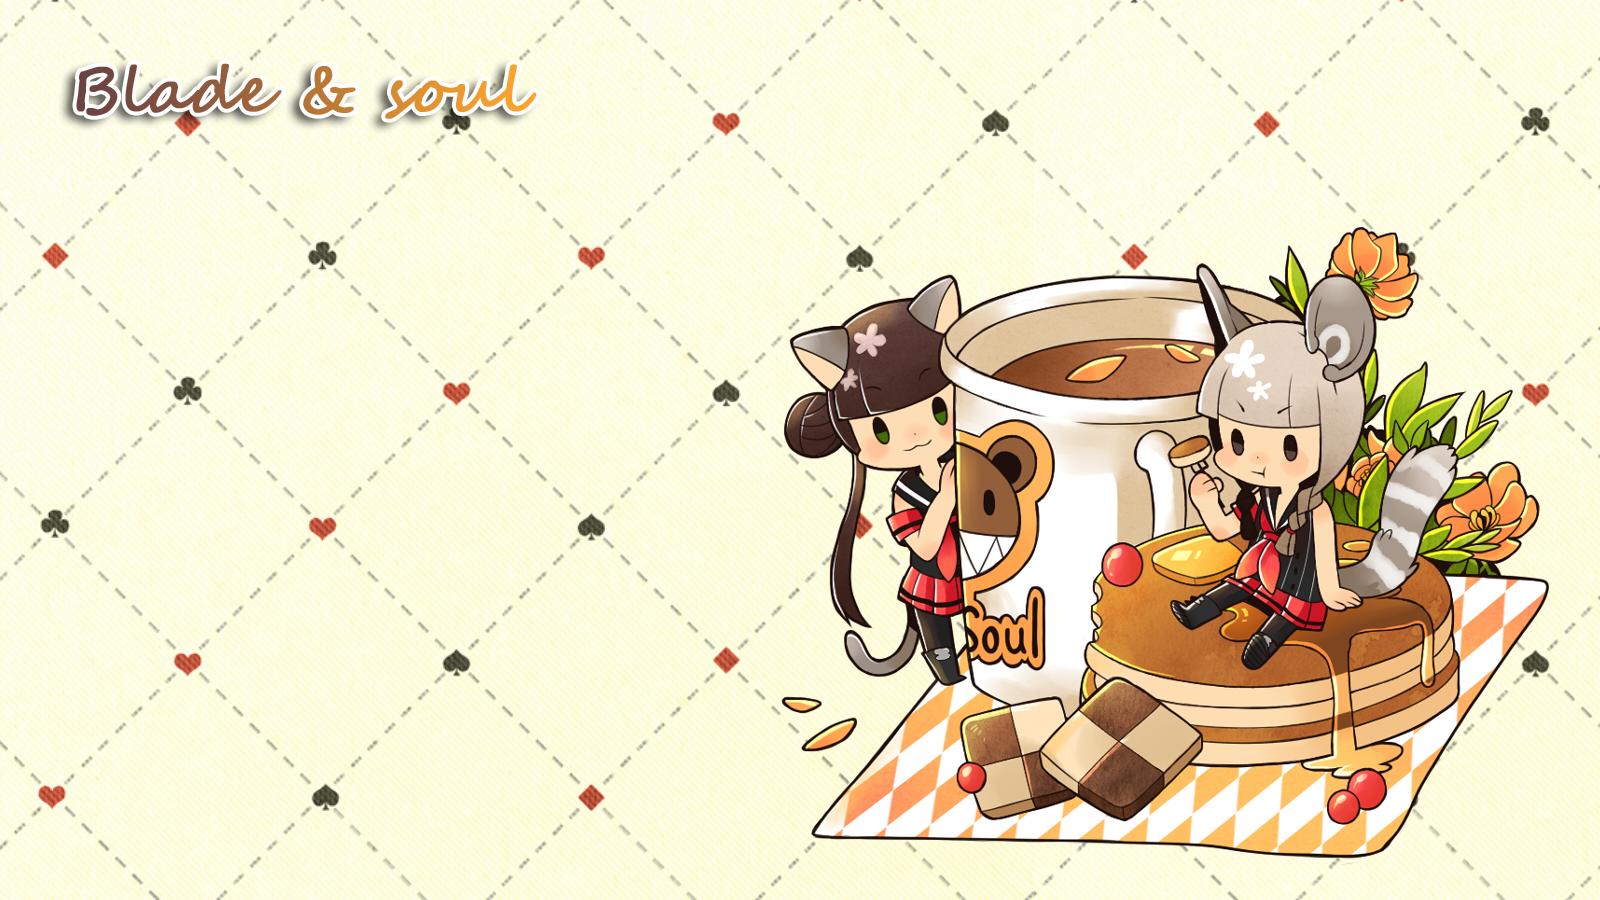 Lyn Blade Amp Soul Wallpaper 1386051 Zerochan Anime Image Board